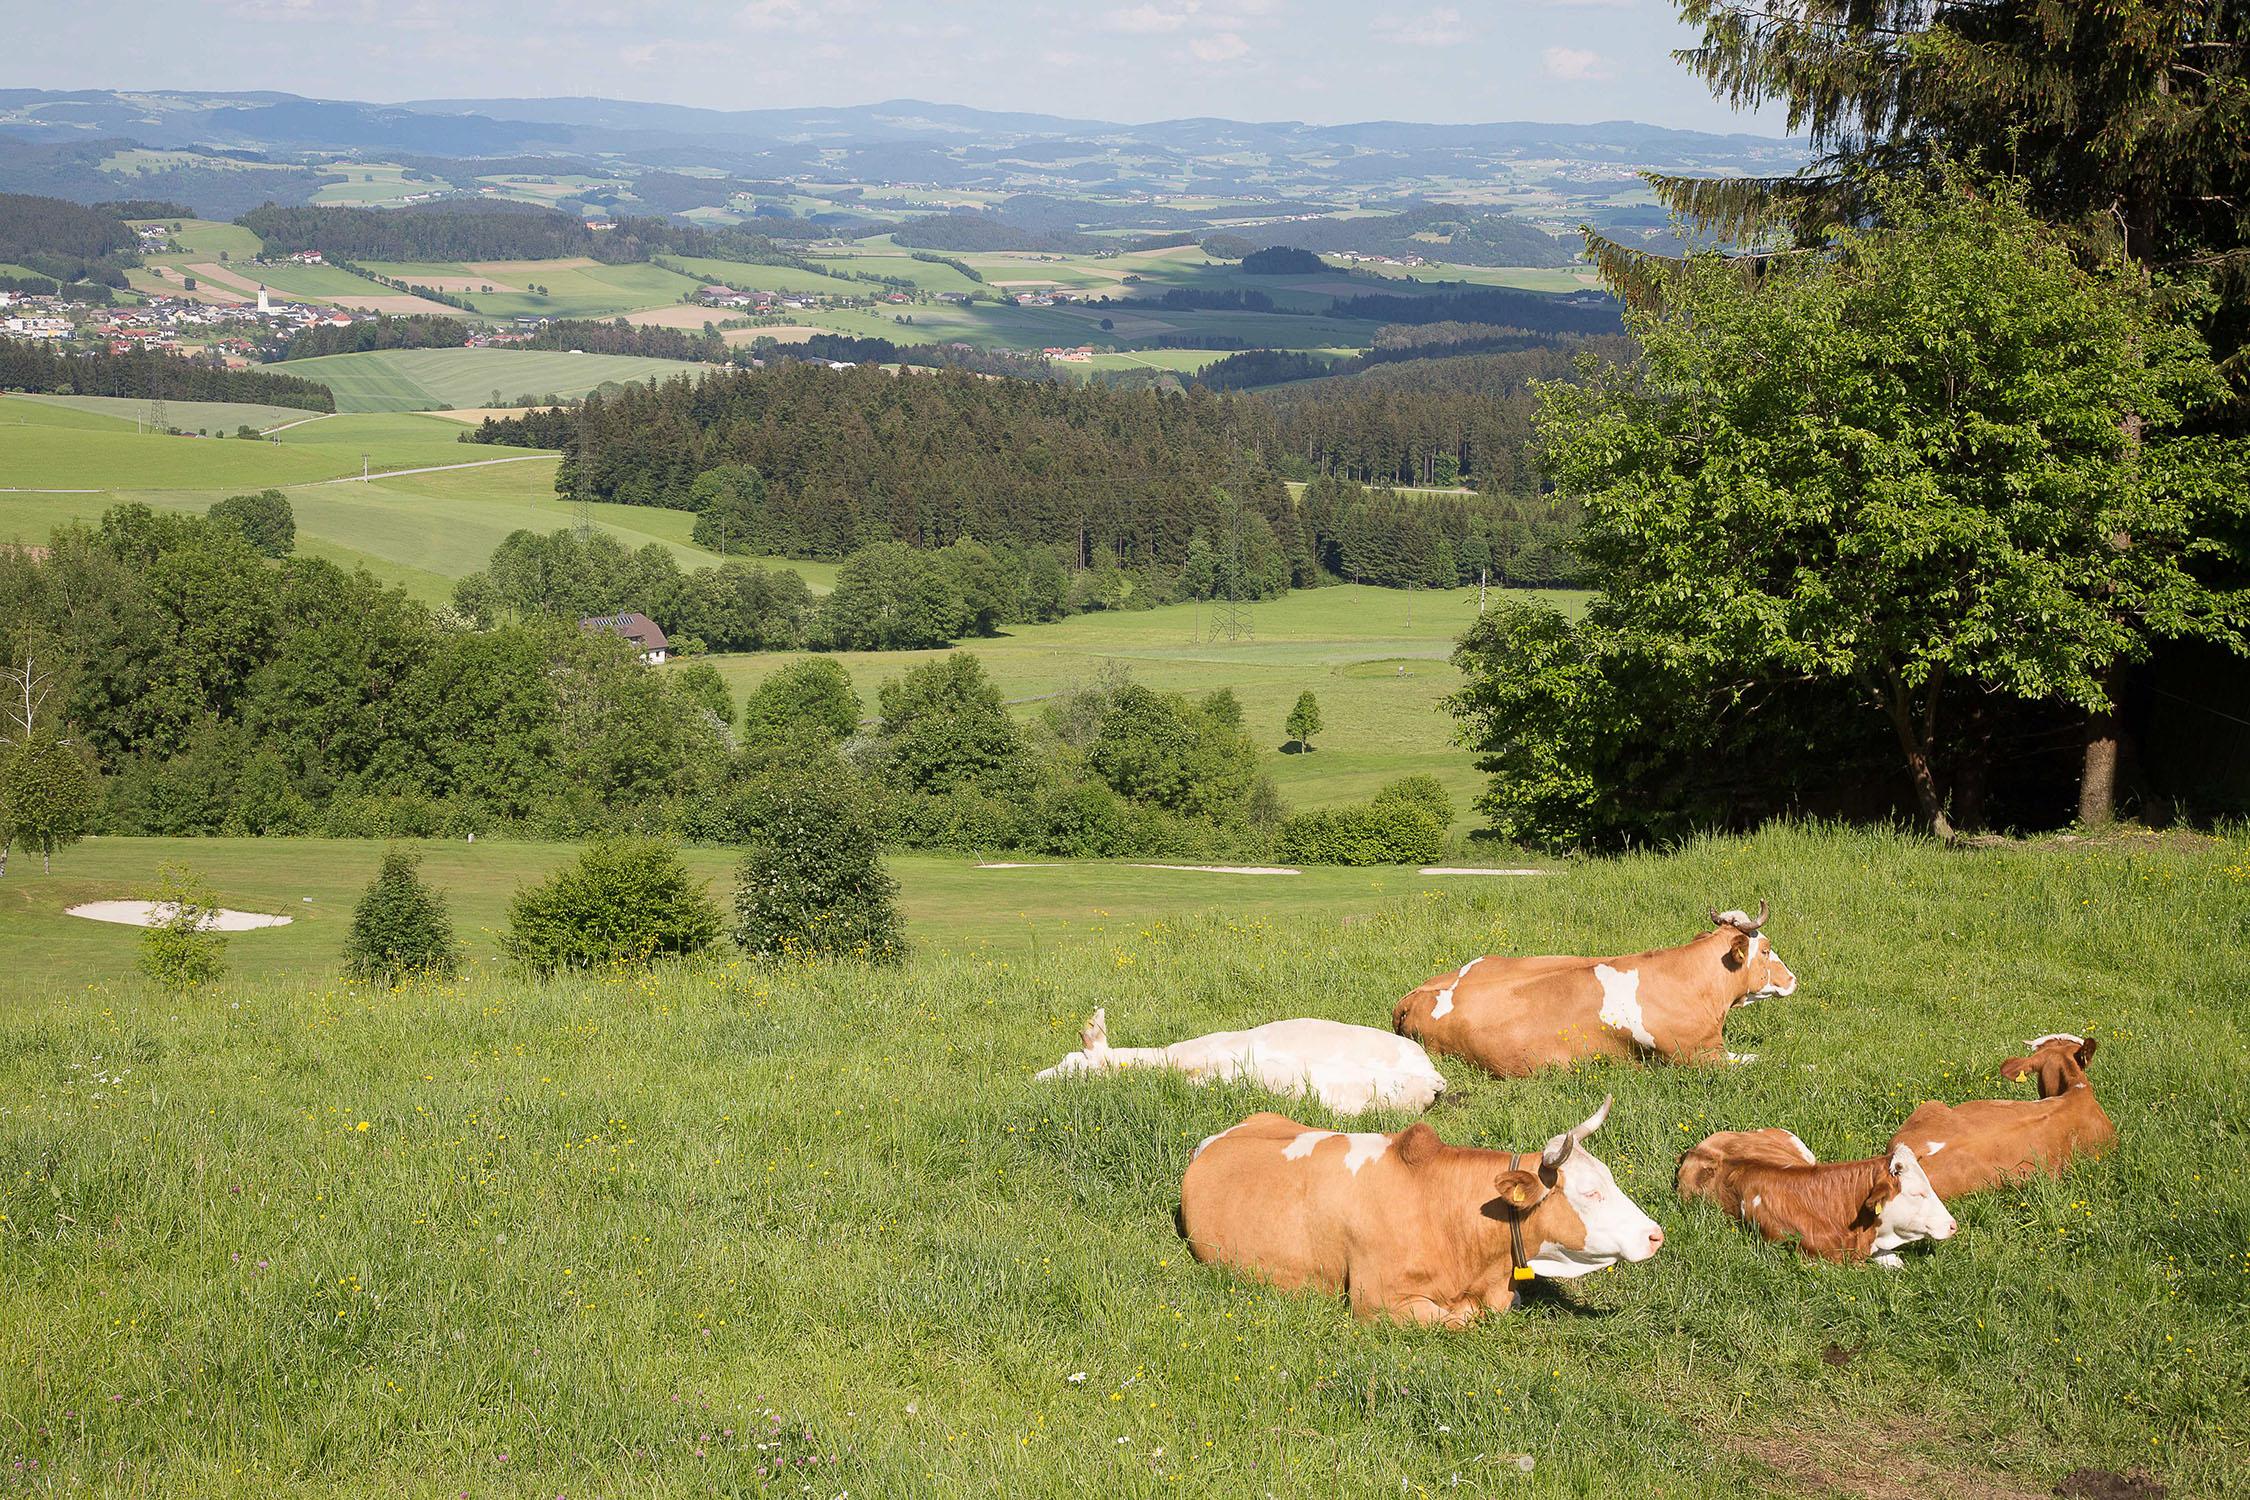 landscape-grass-farm-lawn-meadow-cattle-web.jpg